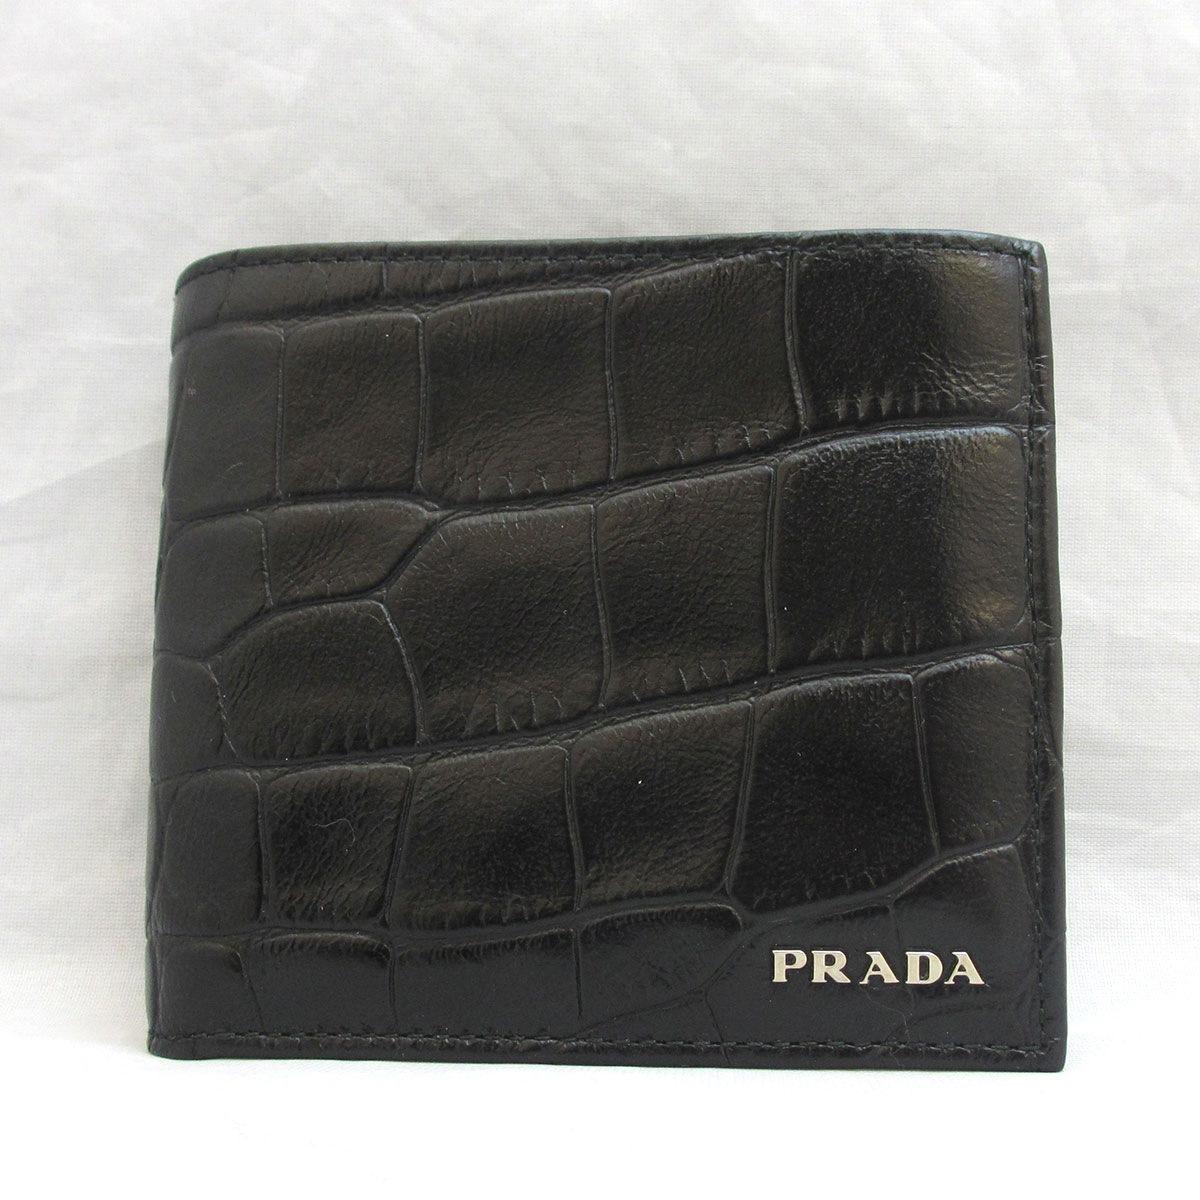 プラダ 財布 二つ折り クロコ調 2MO738 黒 ブラック 型押し レザー メンズ PRADA あす楽【中古】【六甲道店】